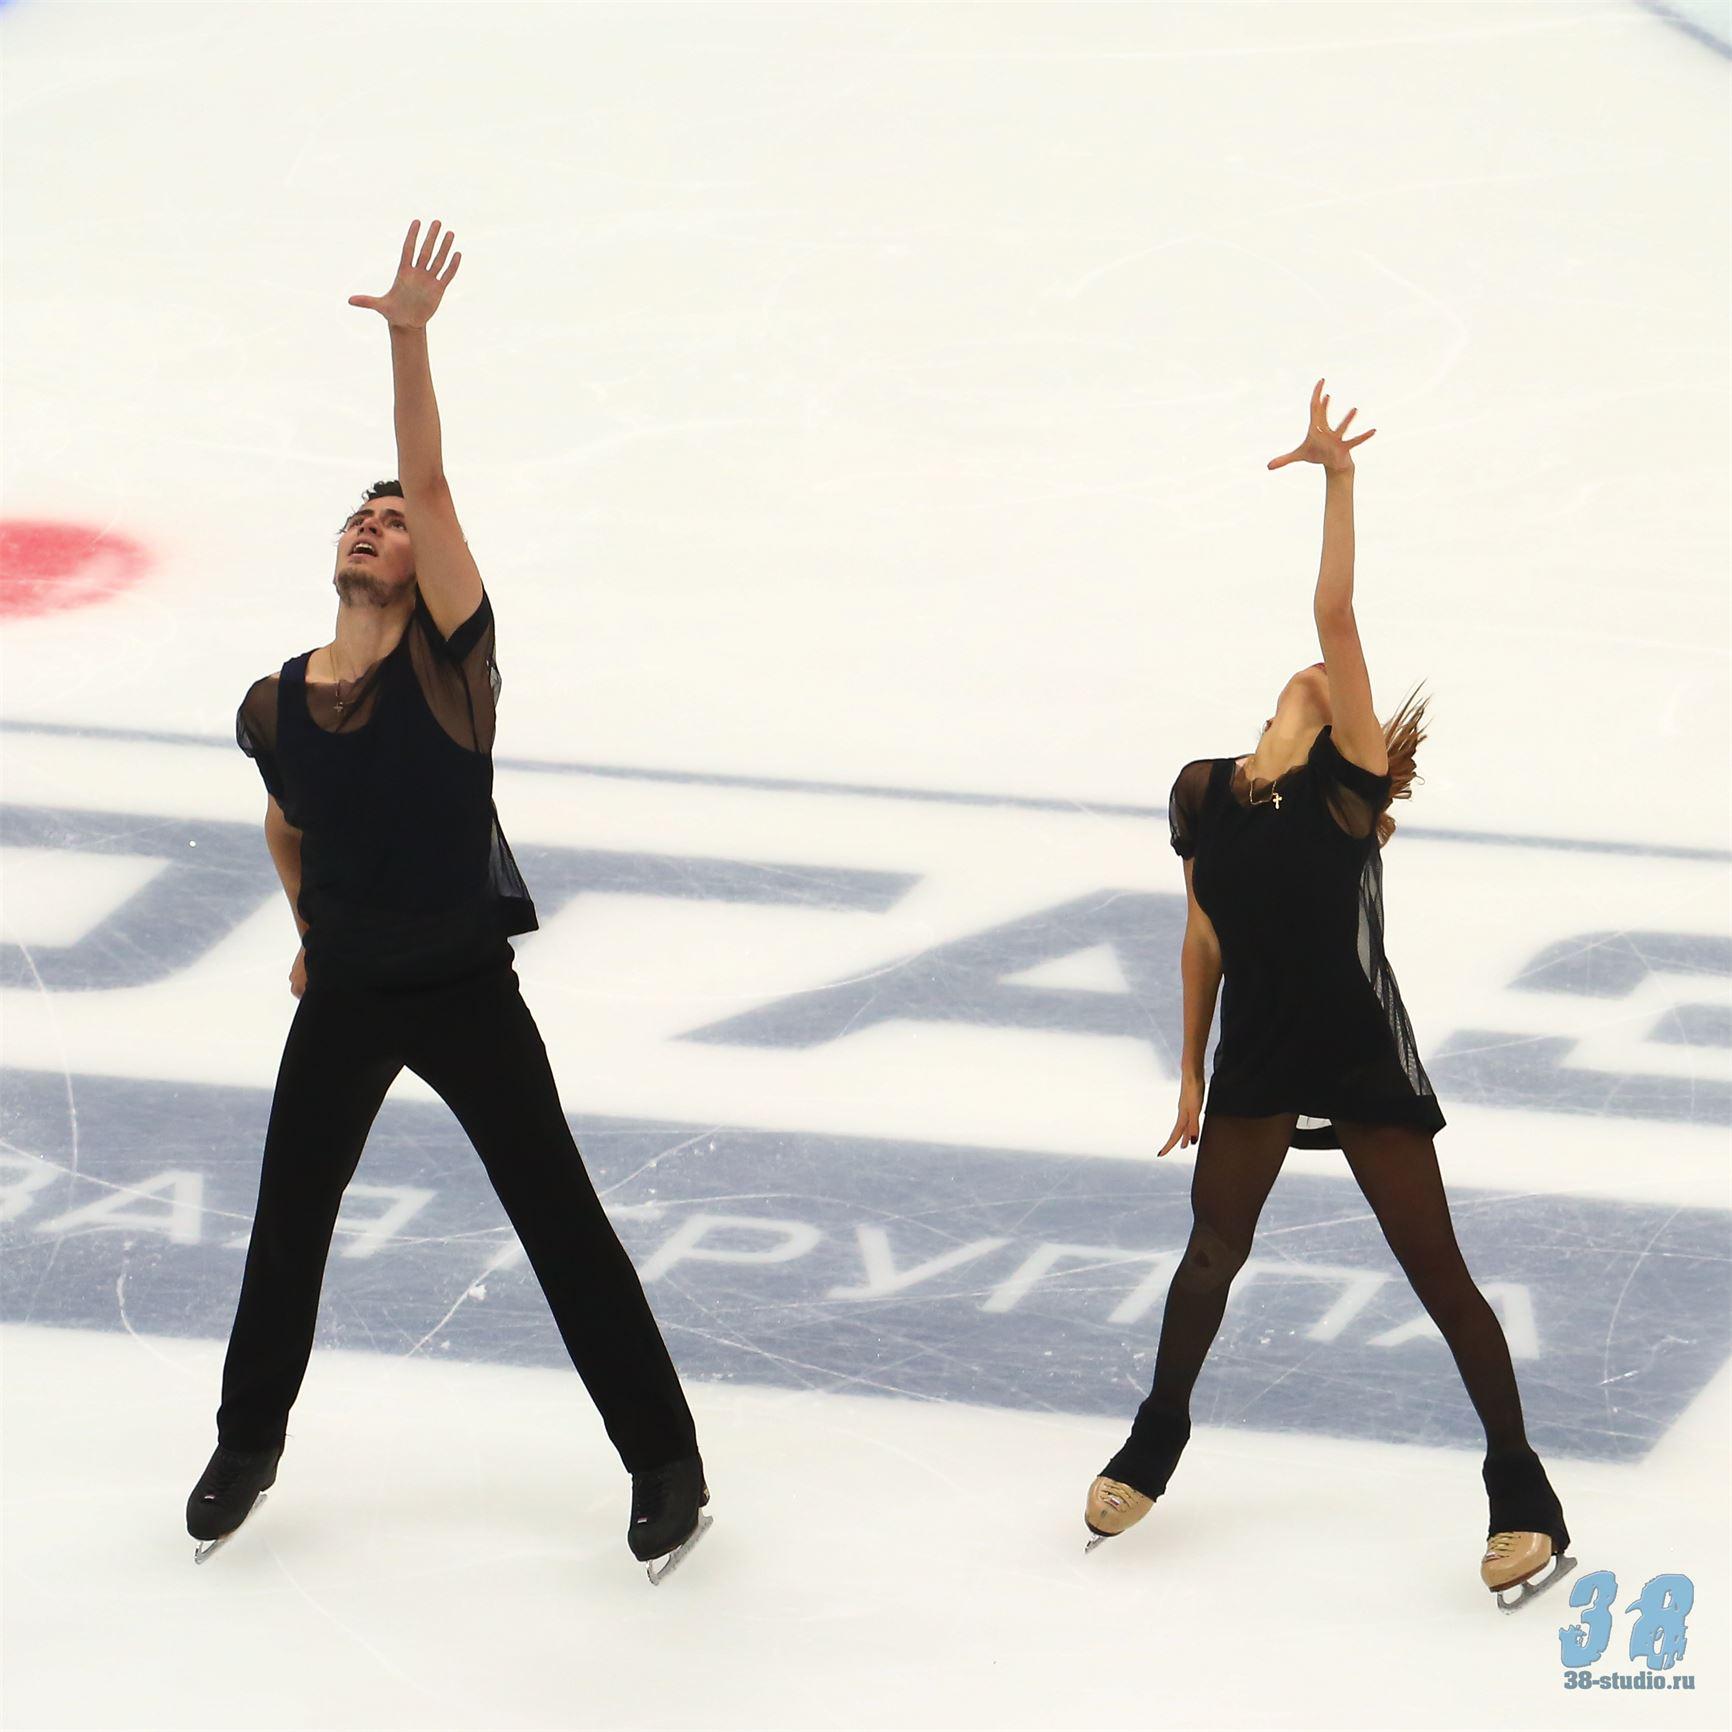 Анастасия Шпилевая - Григорий Смирнов/ танцы на льду - Страница 12 -xRgO0hgW70